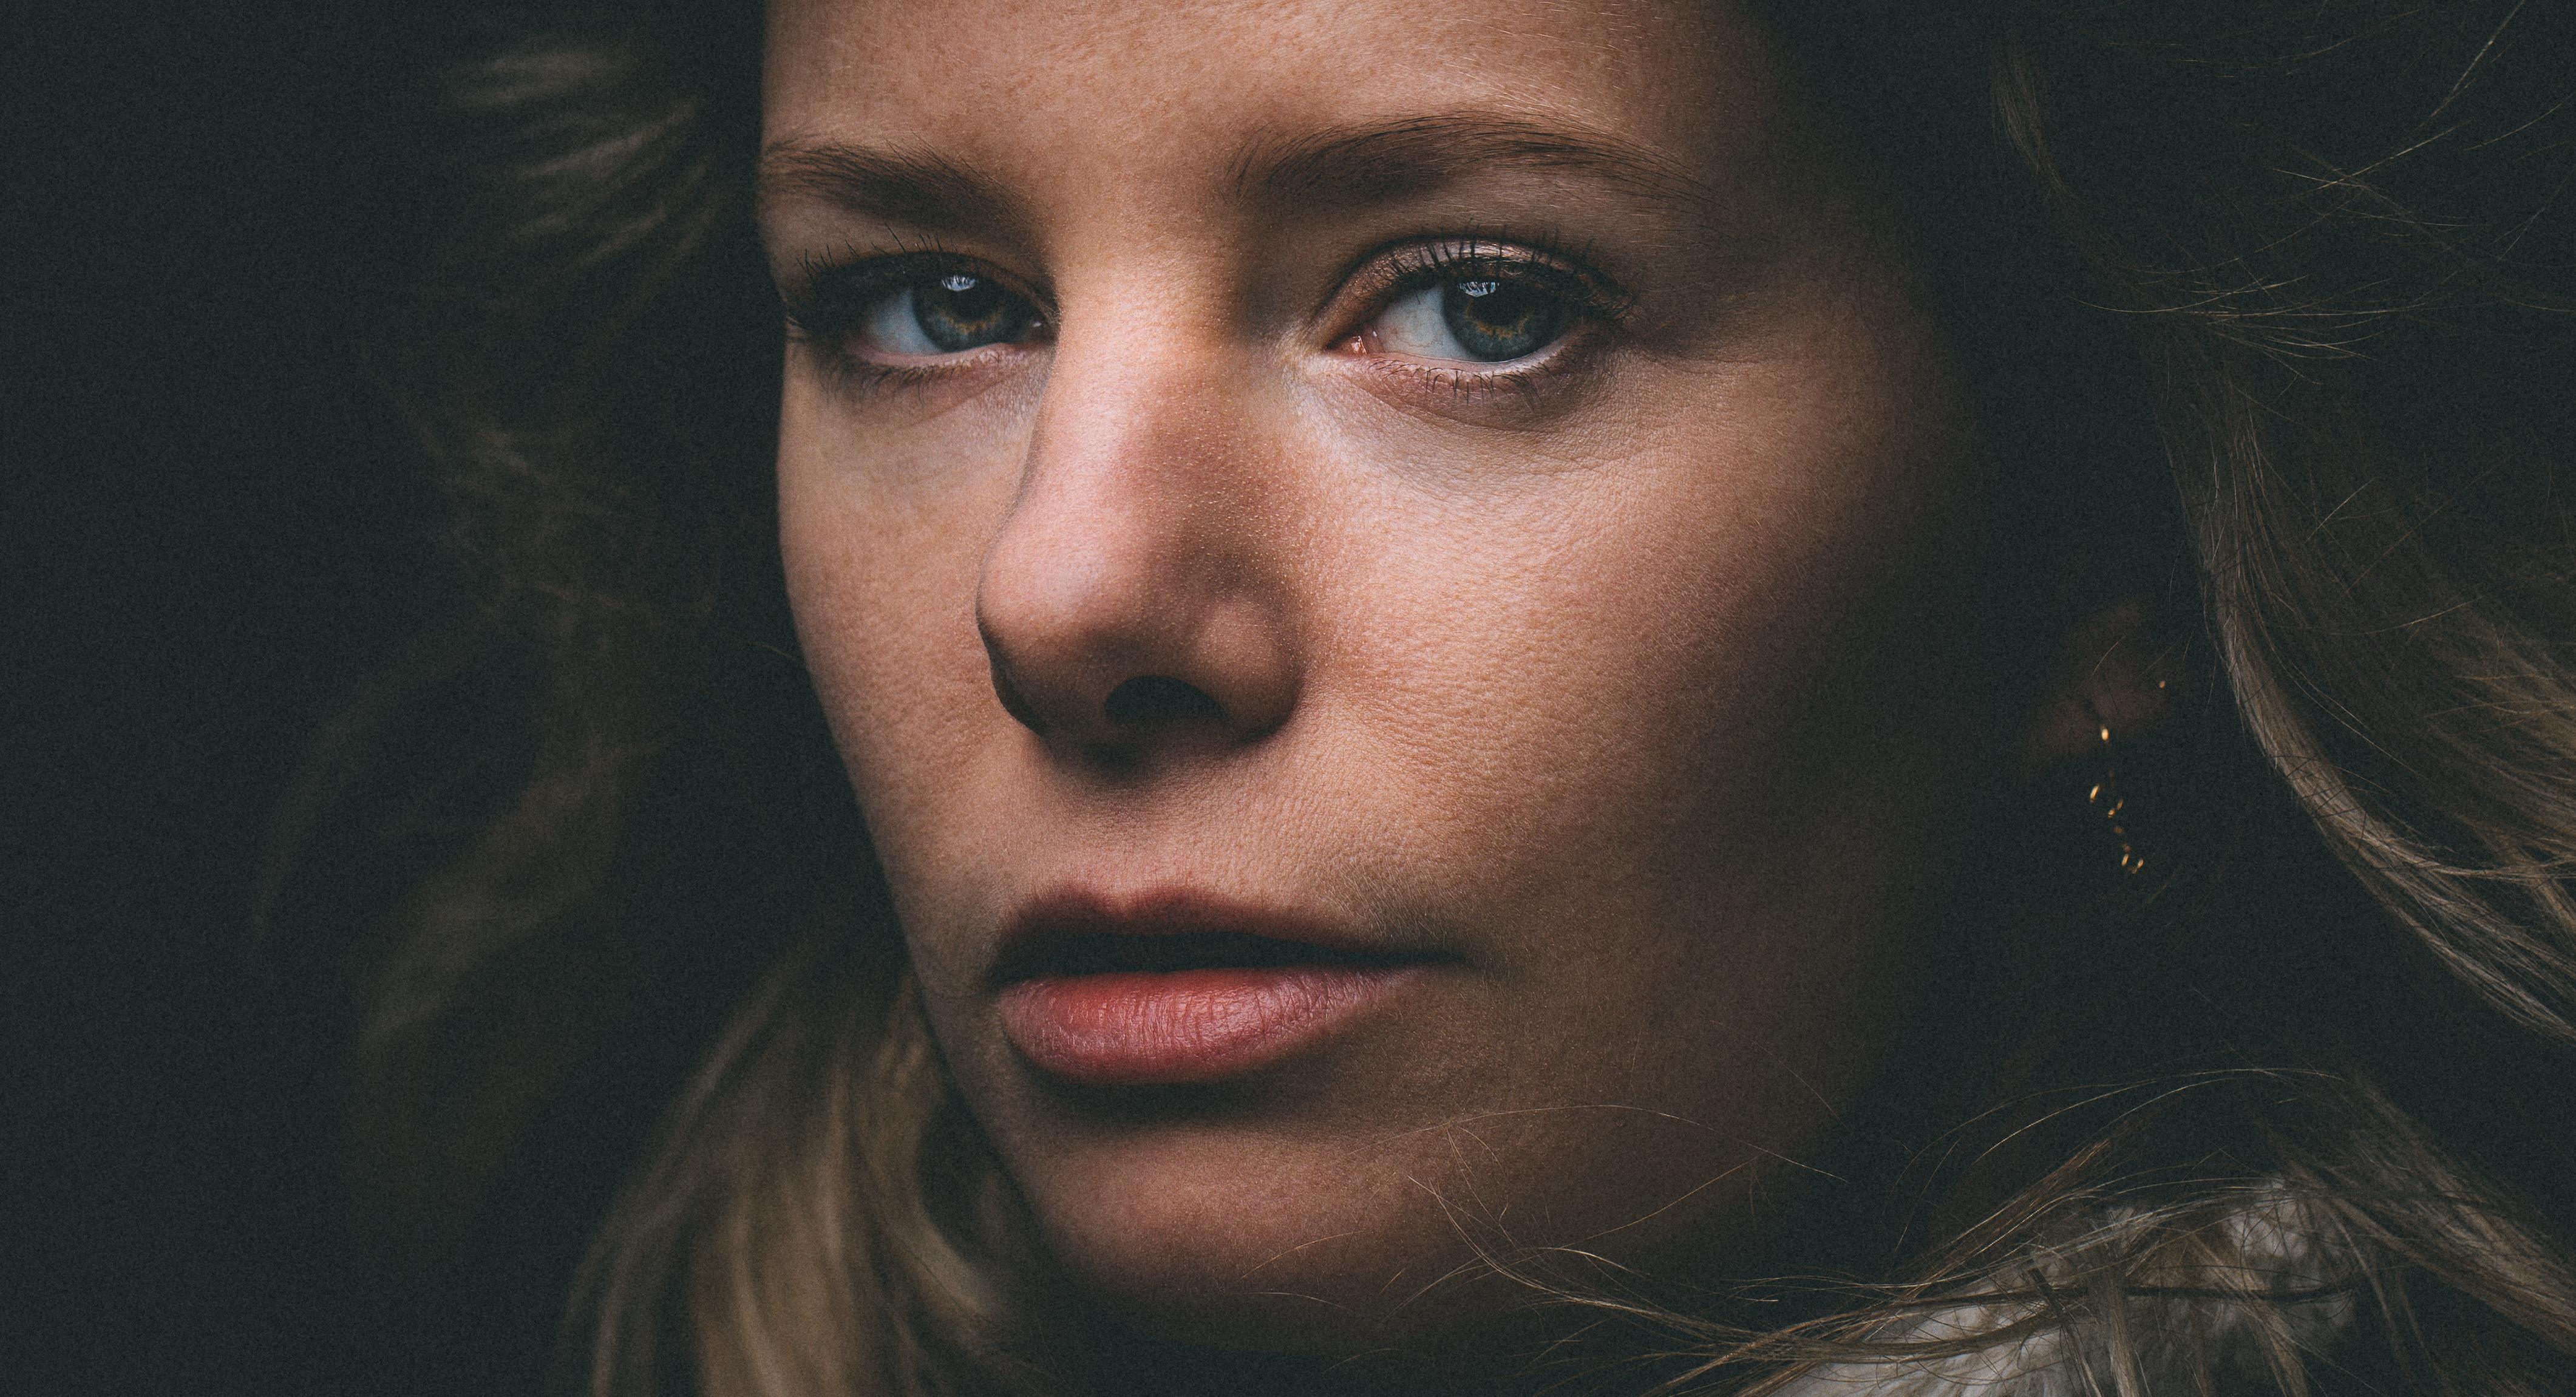 Portretfotograaf Den Haag Willem Mar